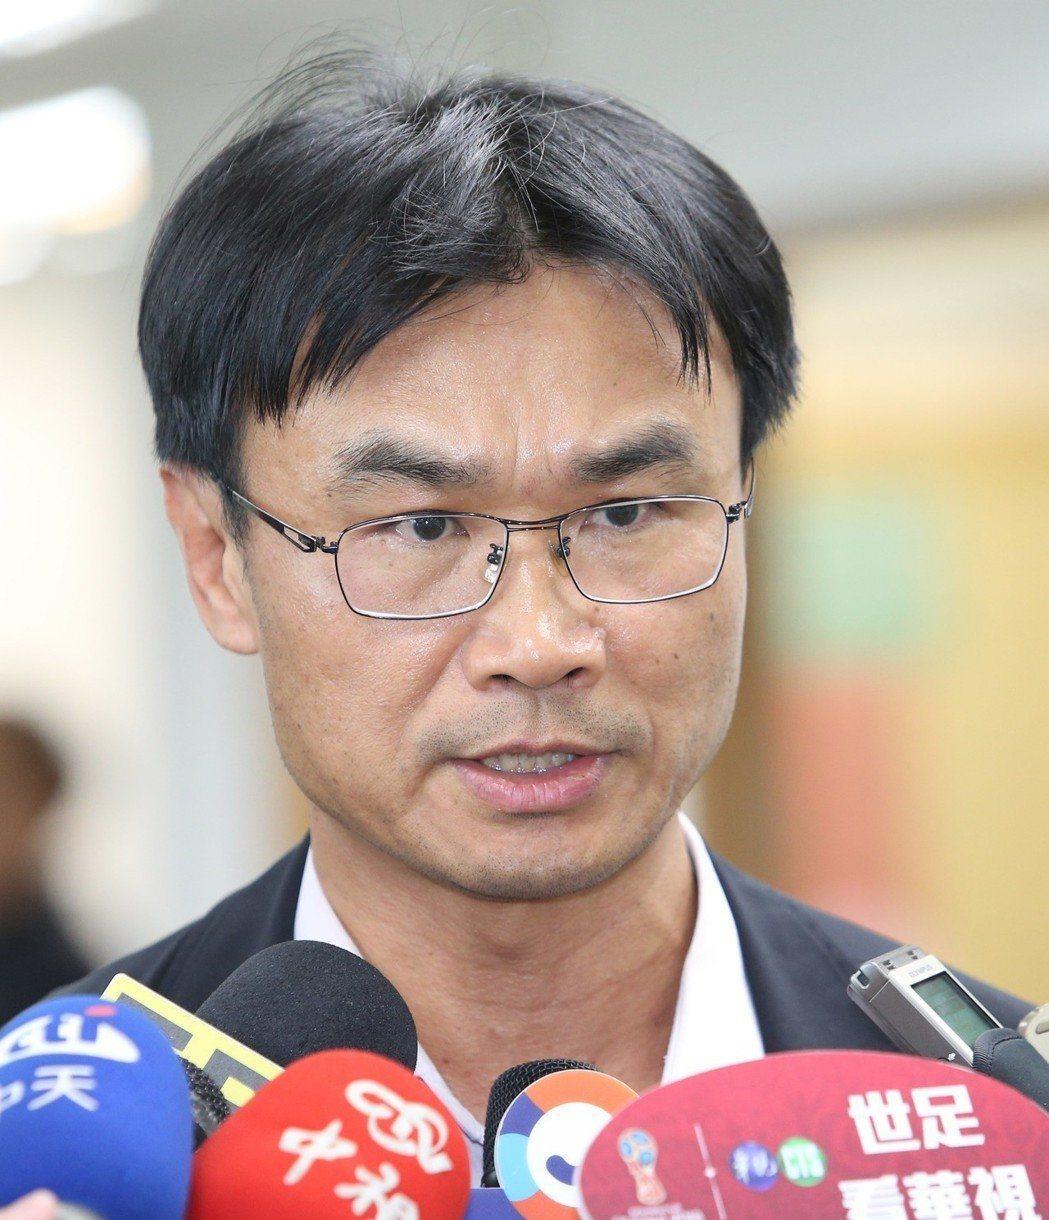 【重磅快評】吳音寧PK韓國瑜 農委會拿「假新聞」助攻